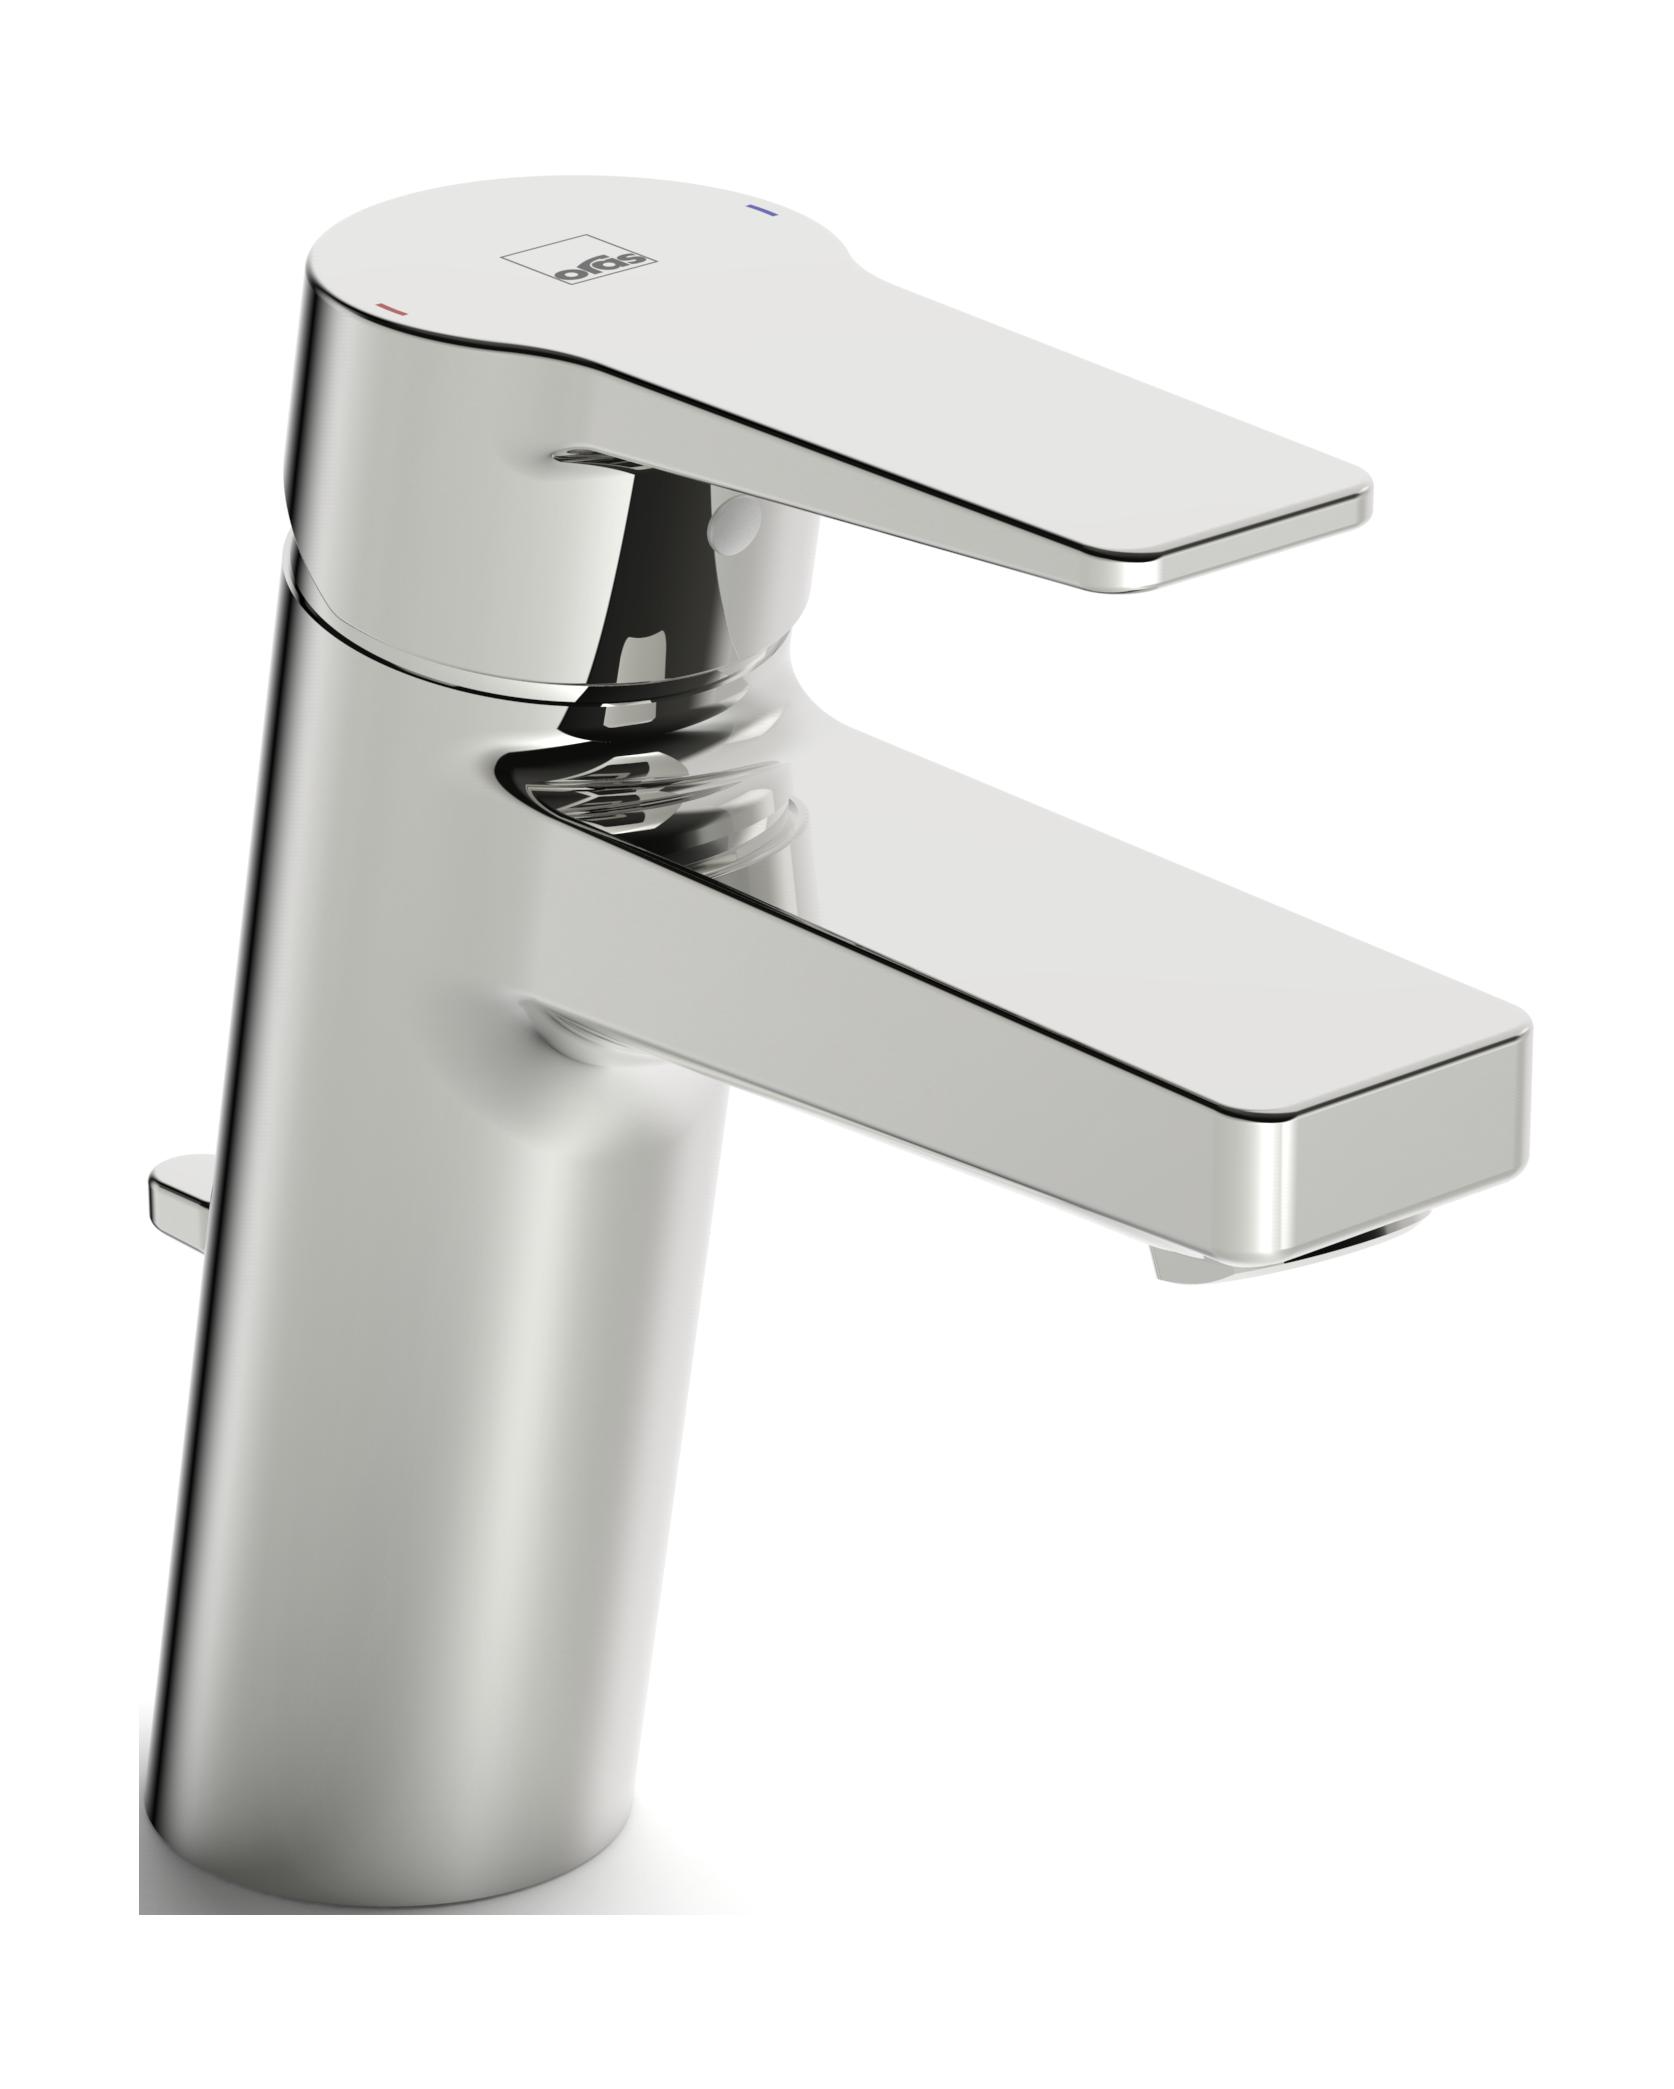 Oras   Twista   Washbasin faucet   Bath faucet   Shower  